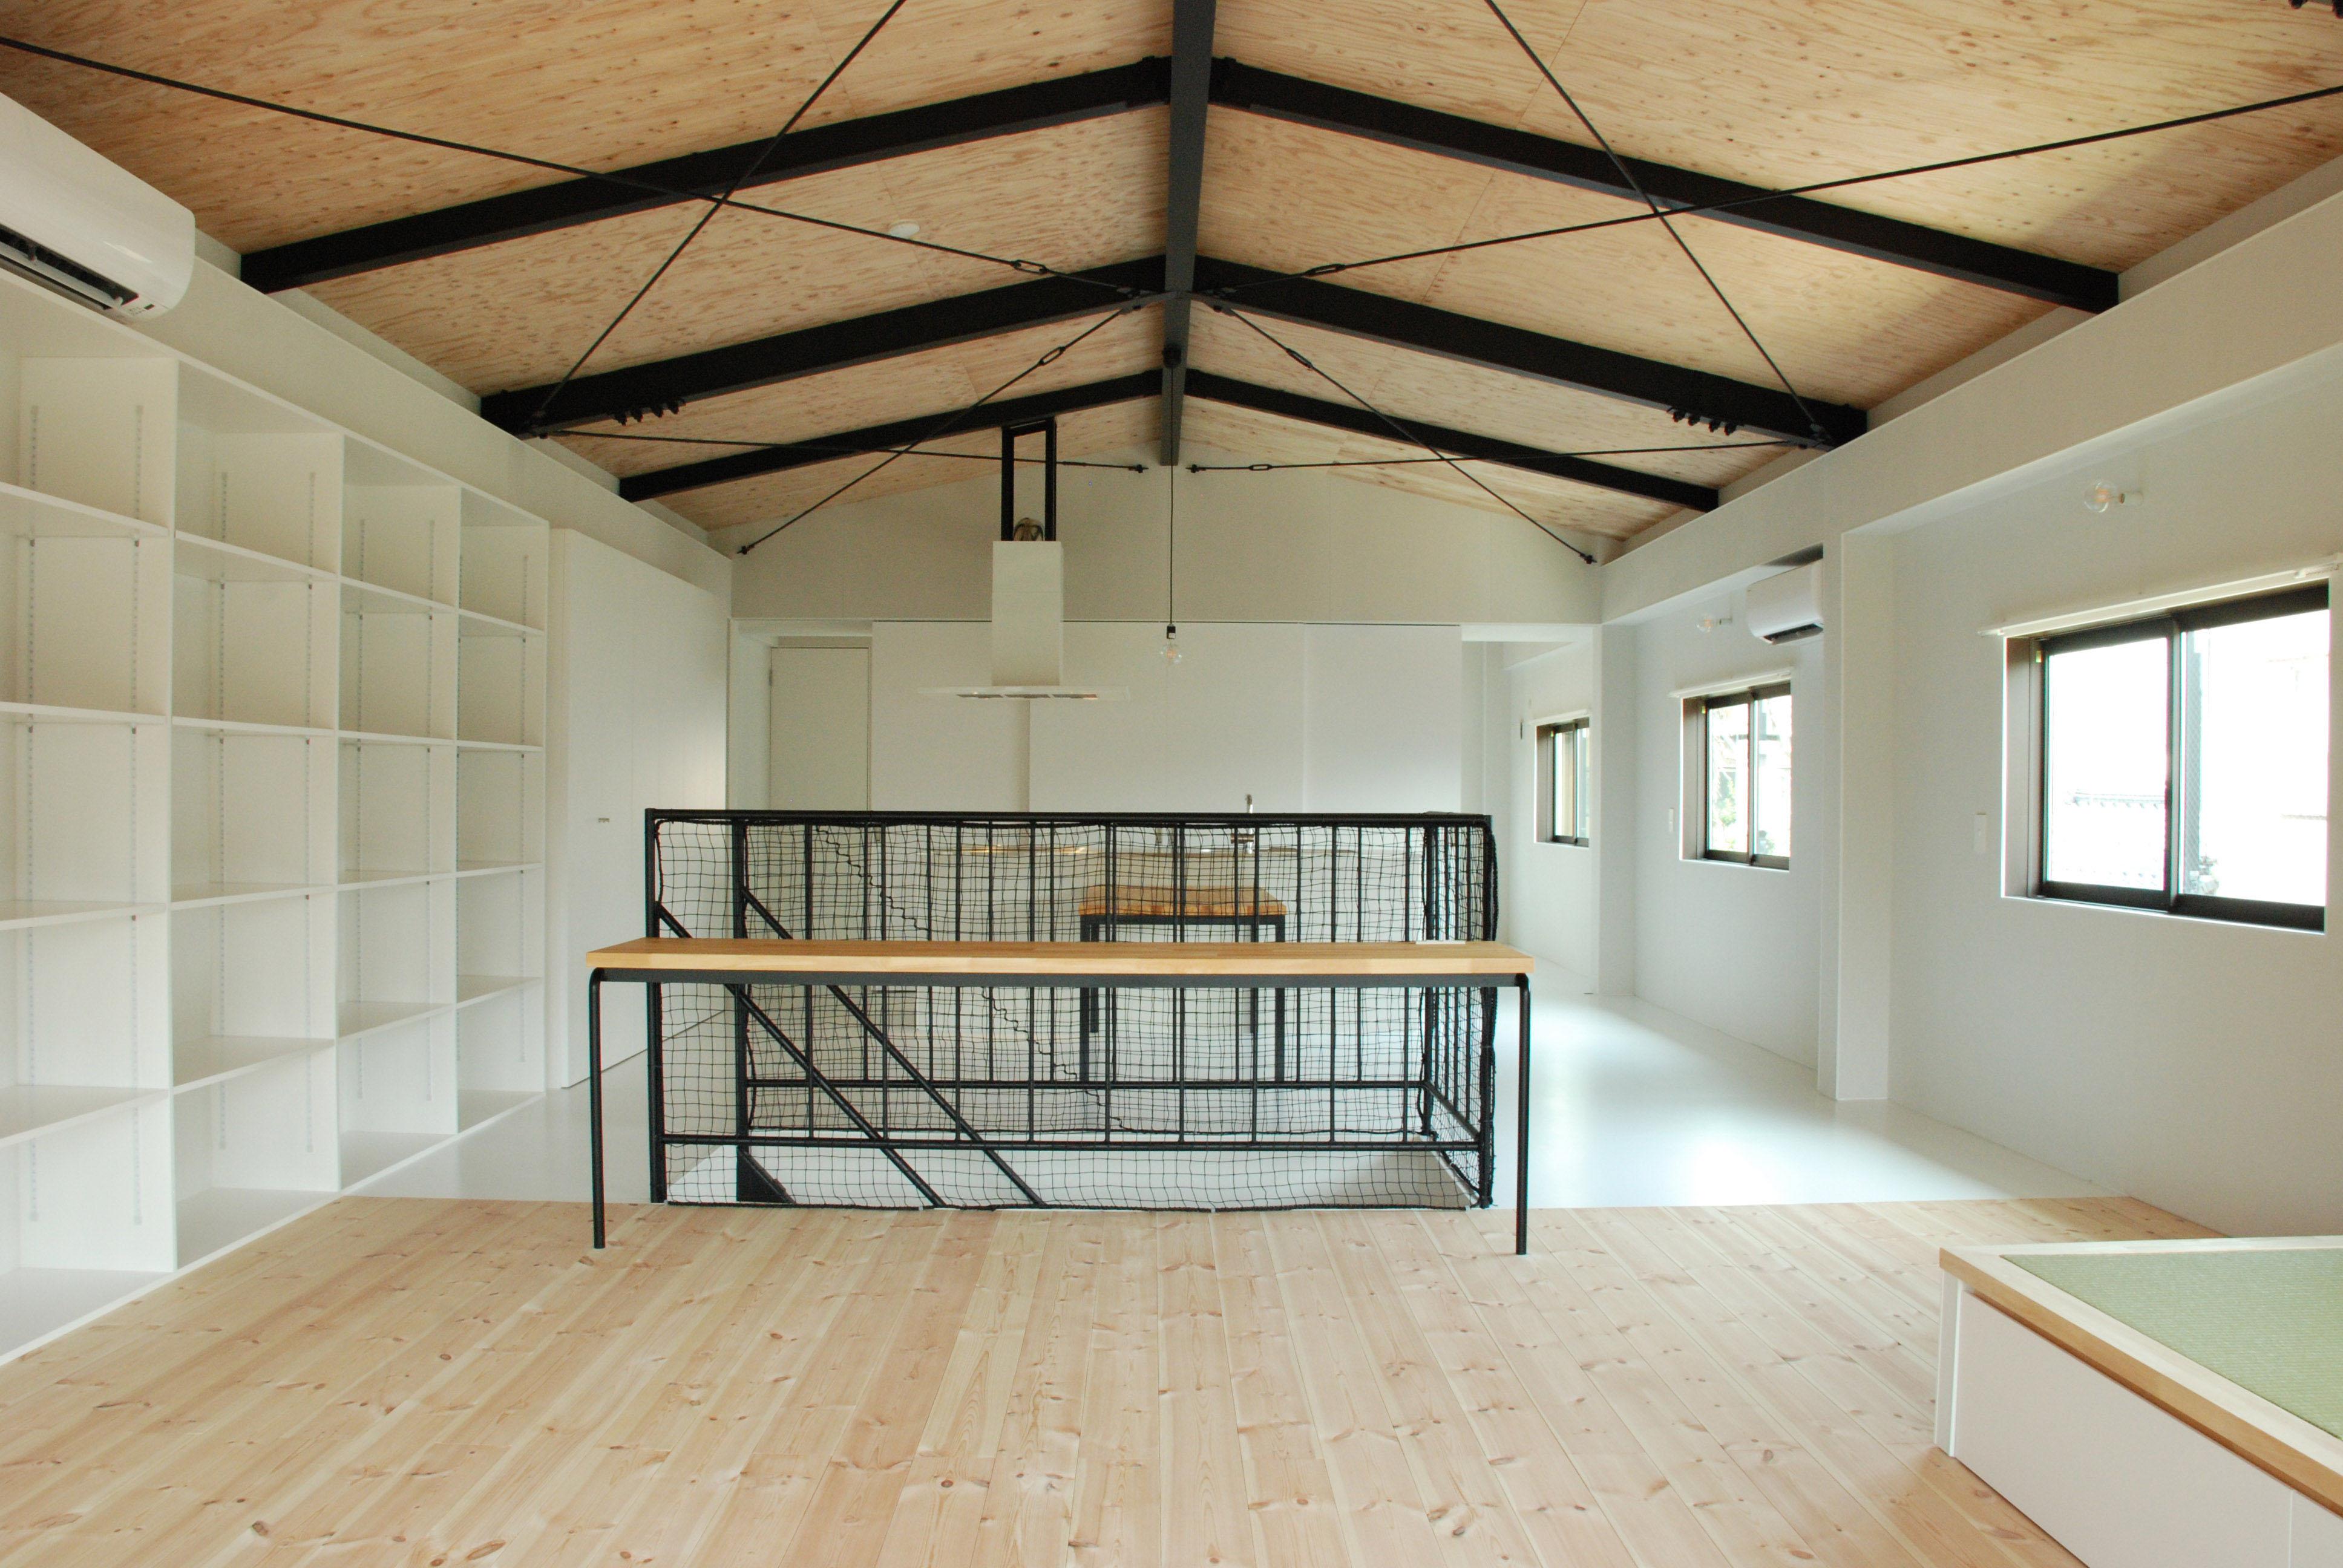 三条市の鉄骨造の倉庫が住宅に変身